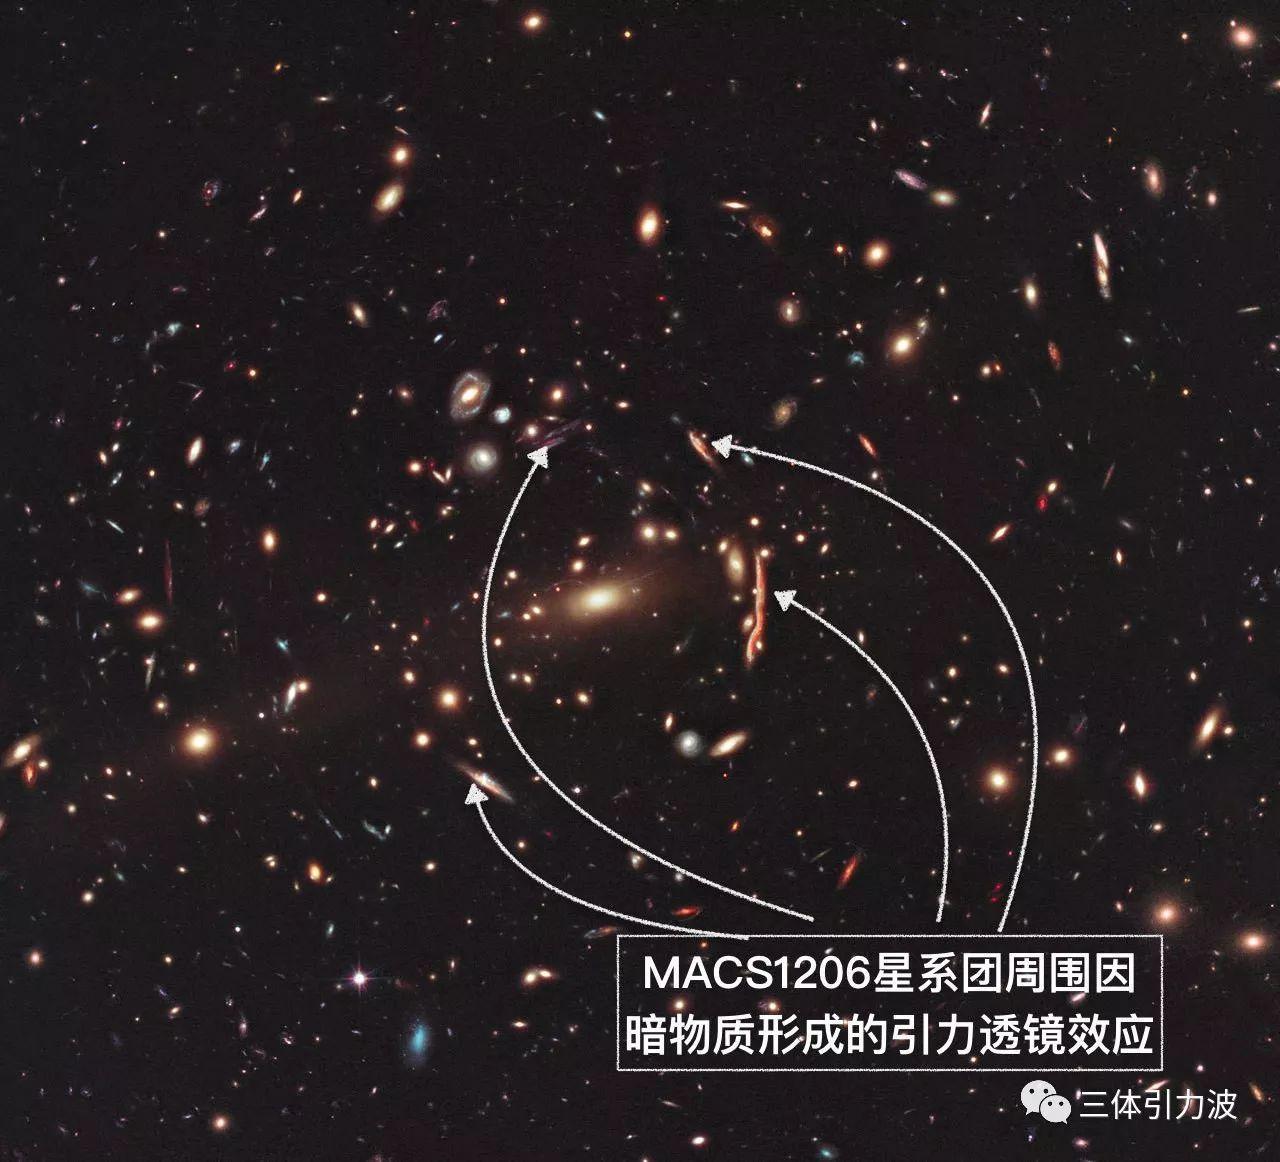 中国悟空探测器发现反常信号, 疑似撞上暗物质